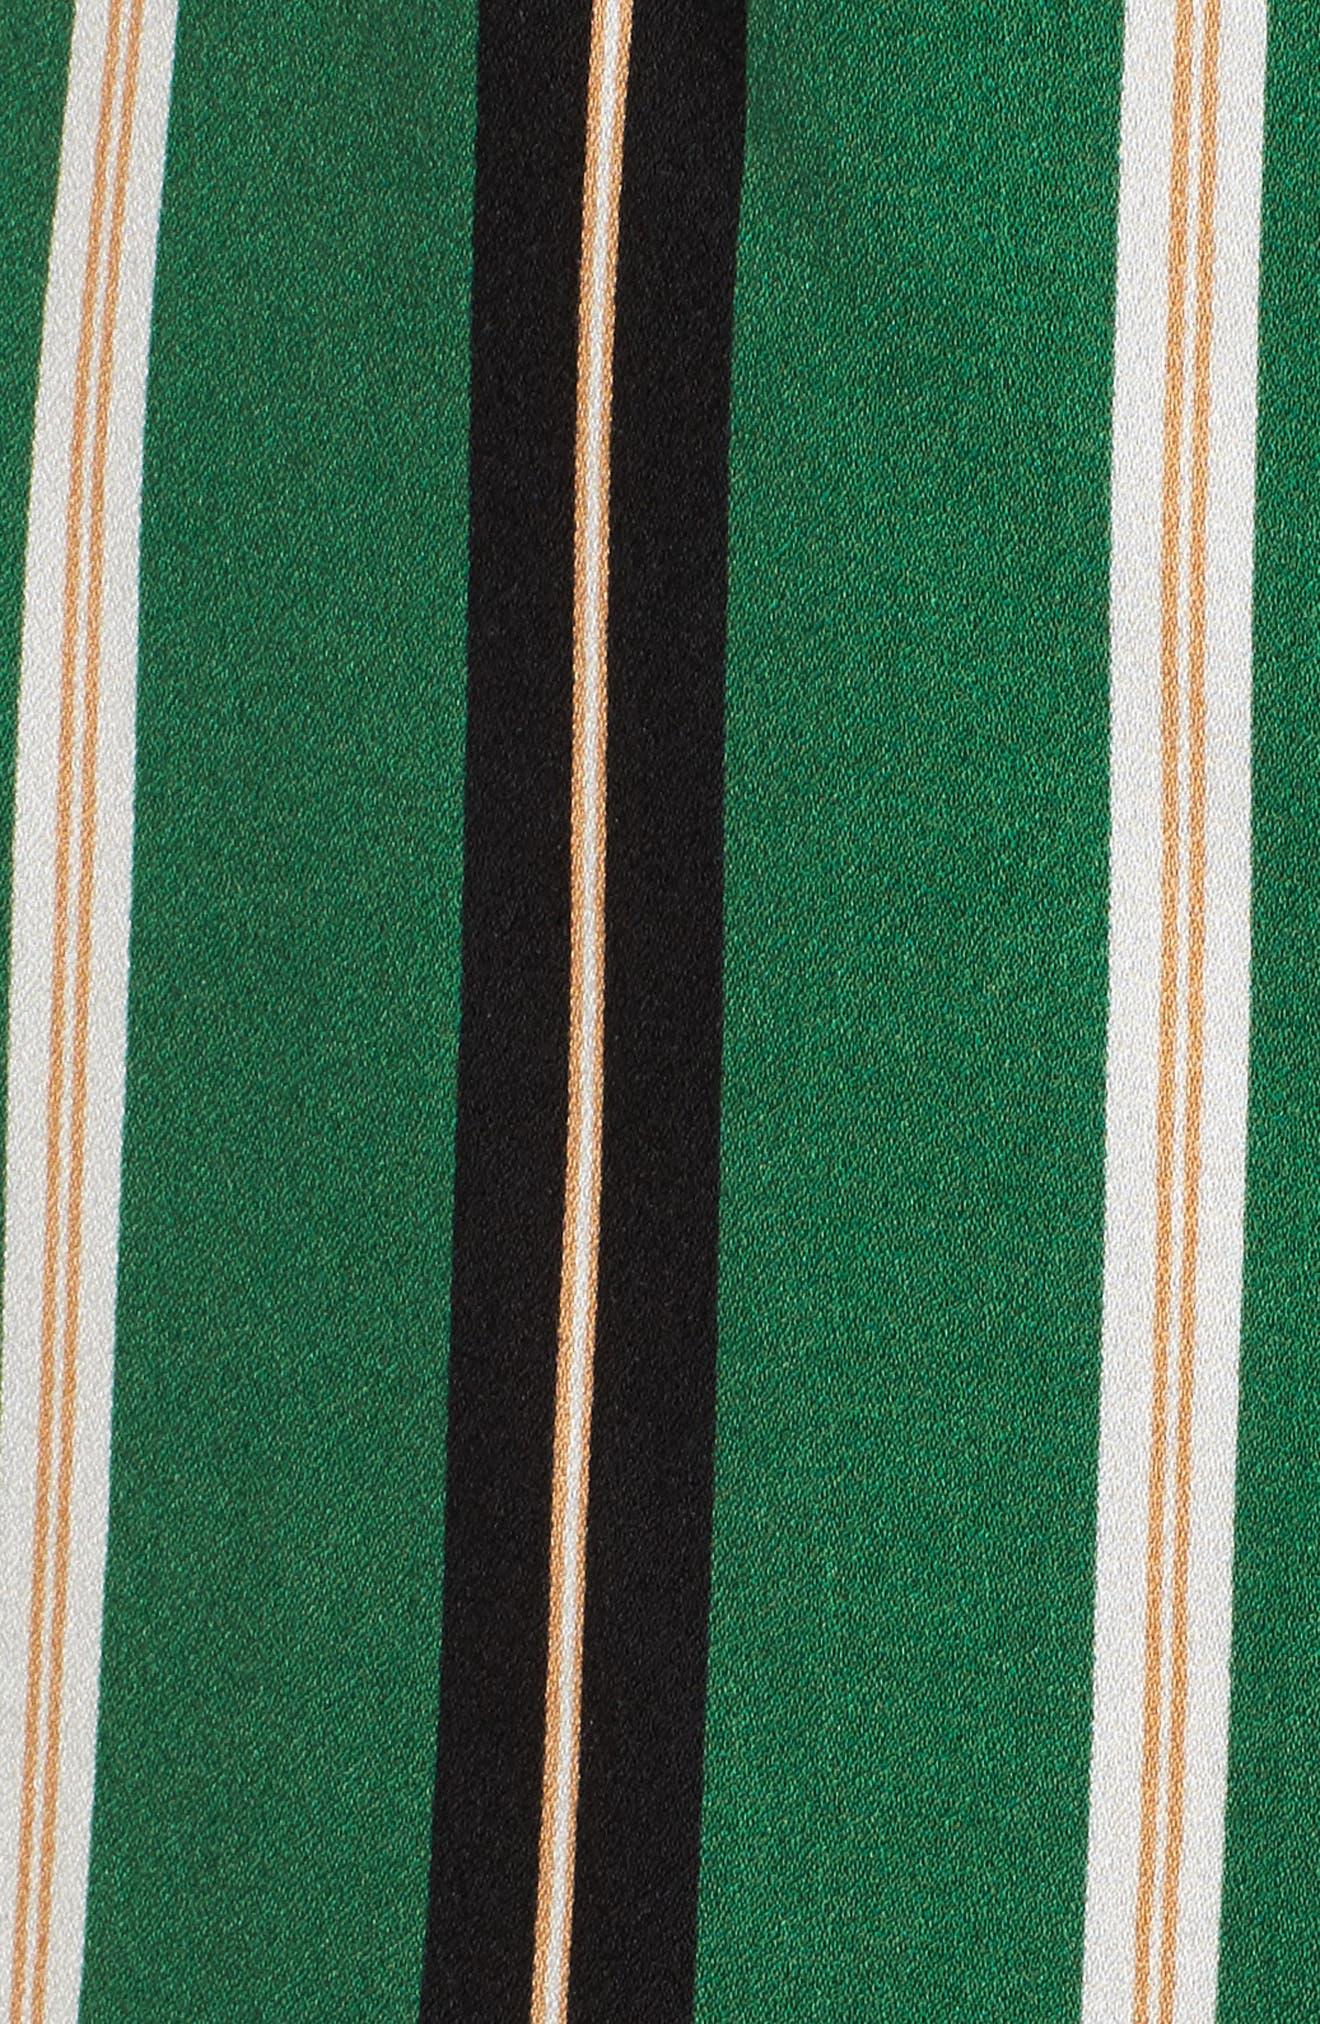 Cutout Wrap Front Maxi Dress,                             Alternate thumbnail 5, color,                             300